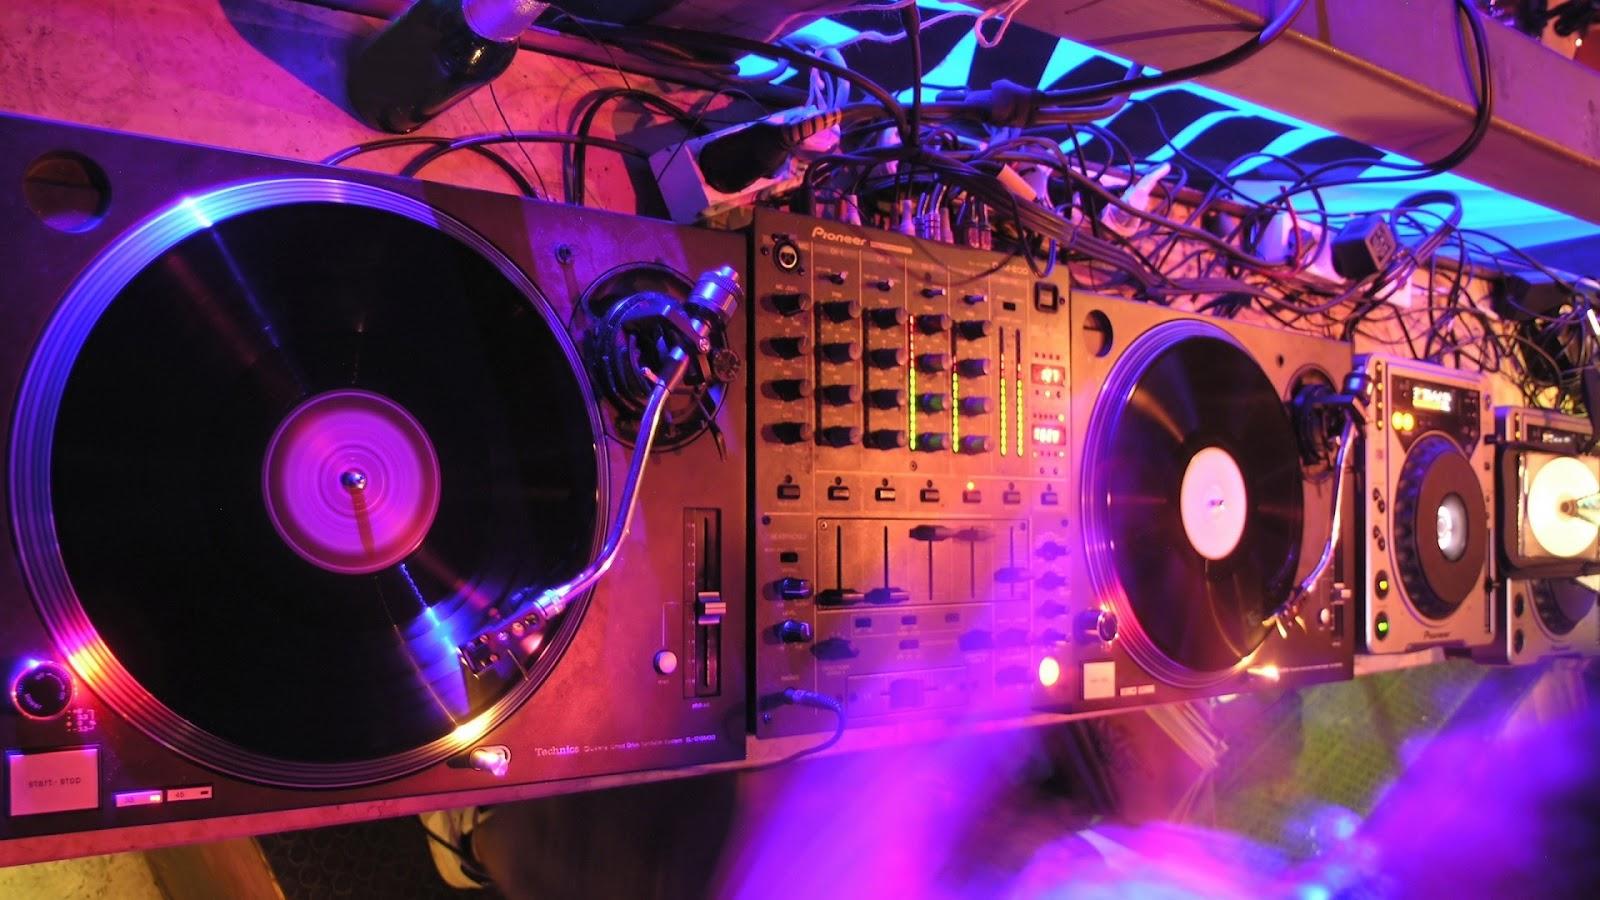 http://1.bp.blogspot.com/-2ziDXSt7gps/UEshnSzxiSI/AAAAAAAAFCI/jul1jvcSrUM/s1600/disc-jockey-turntables1080.jpg